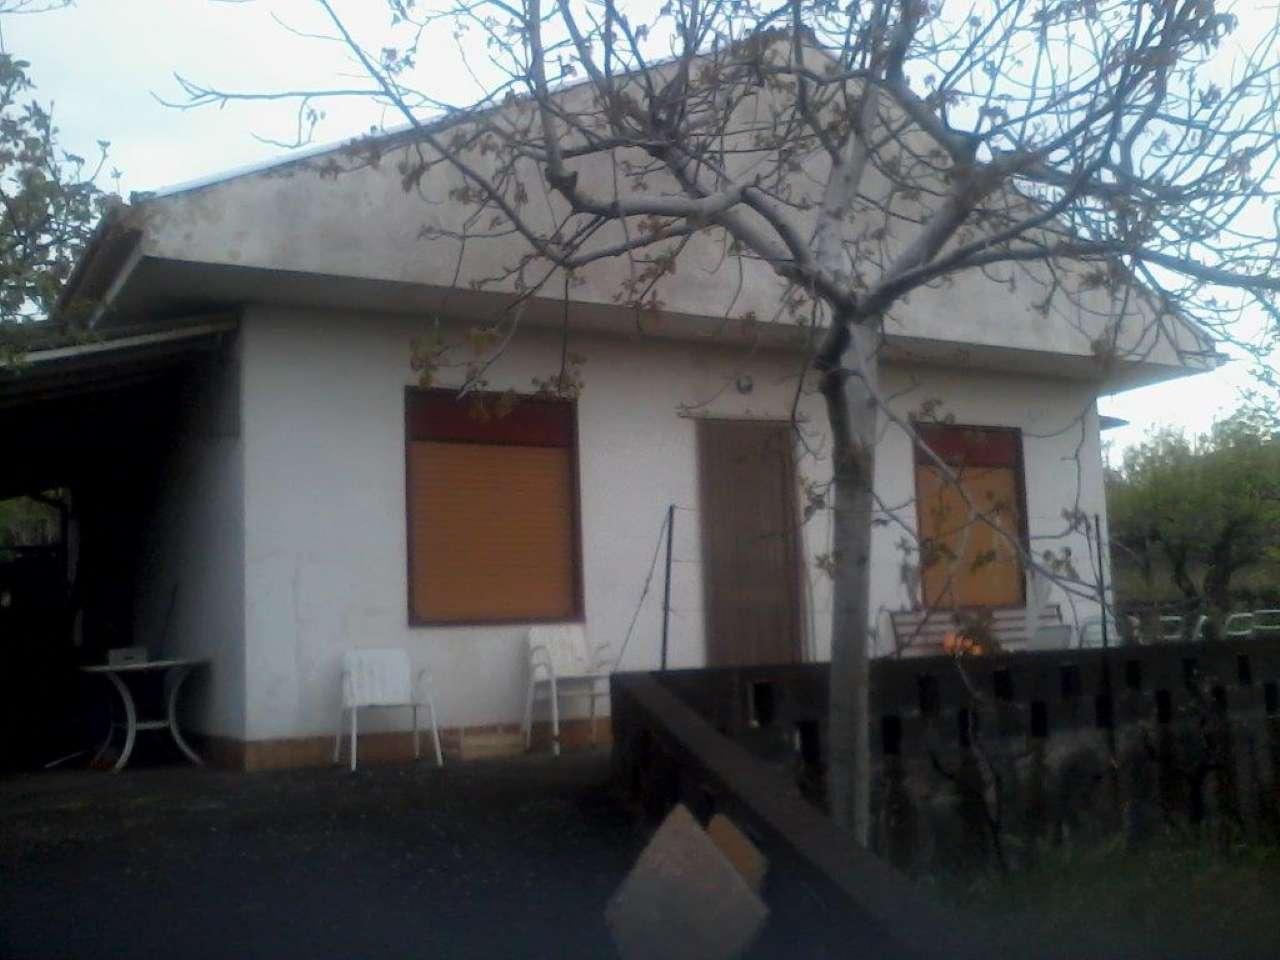 Villa in vendita a Pedara, 2 locali, prezzo € 95.000 | CambioCasa.it